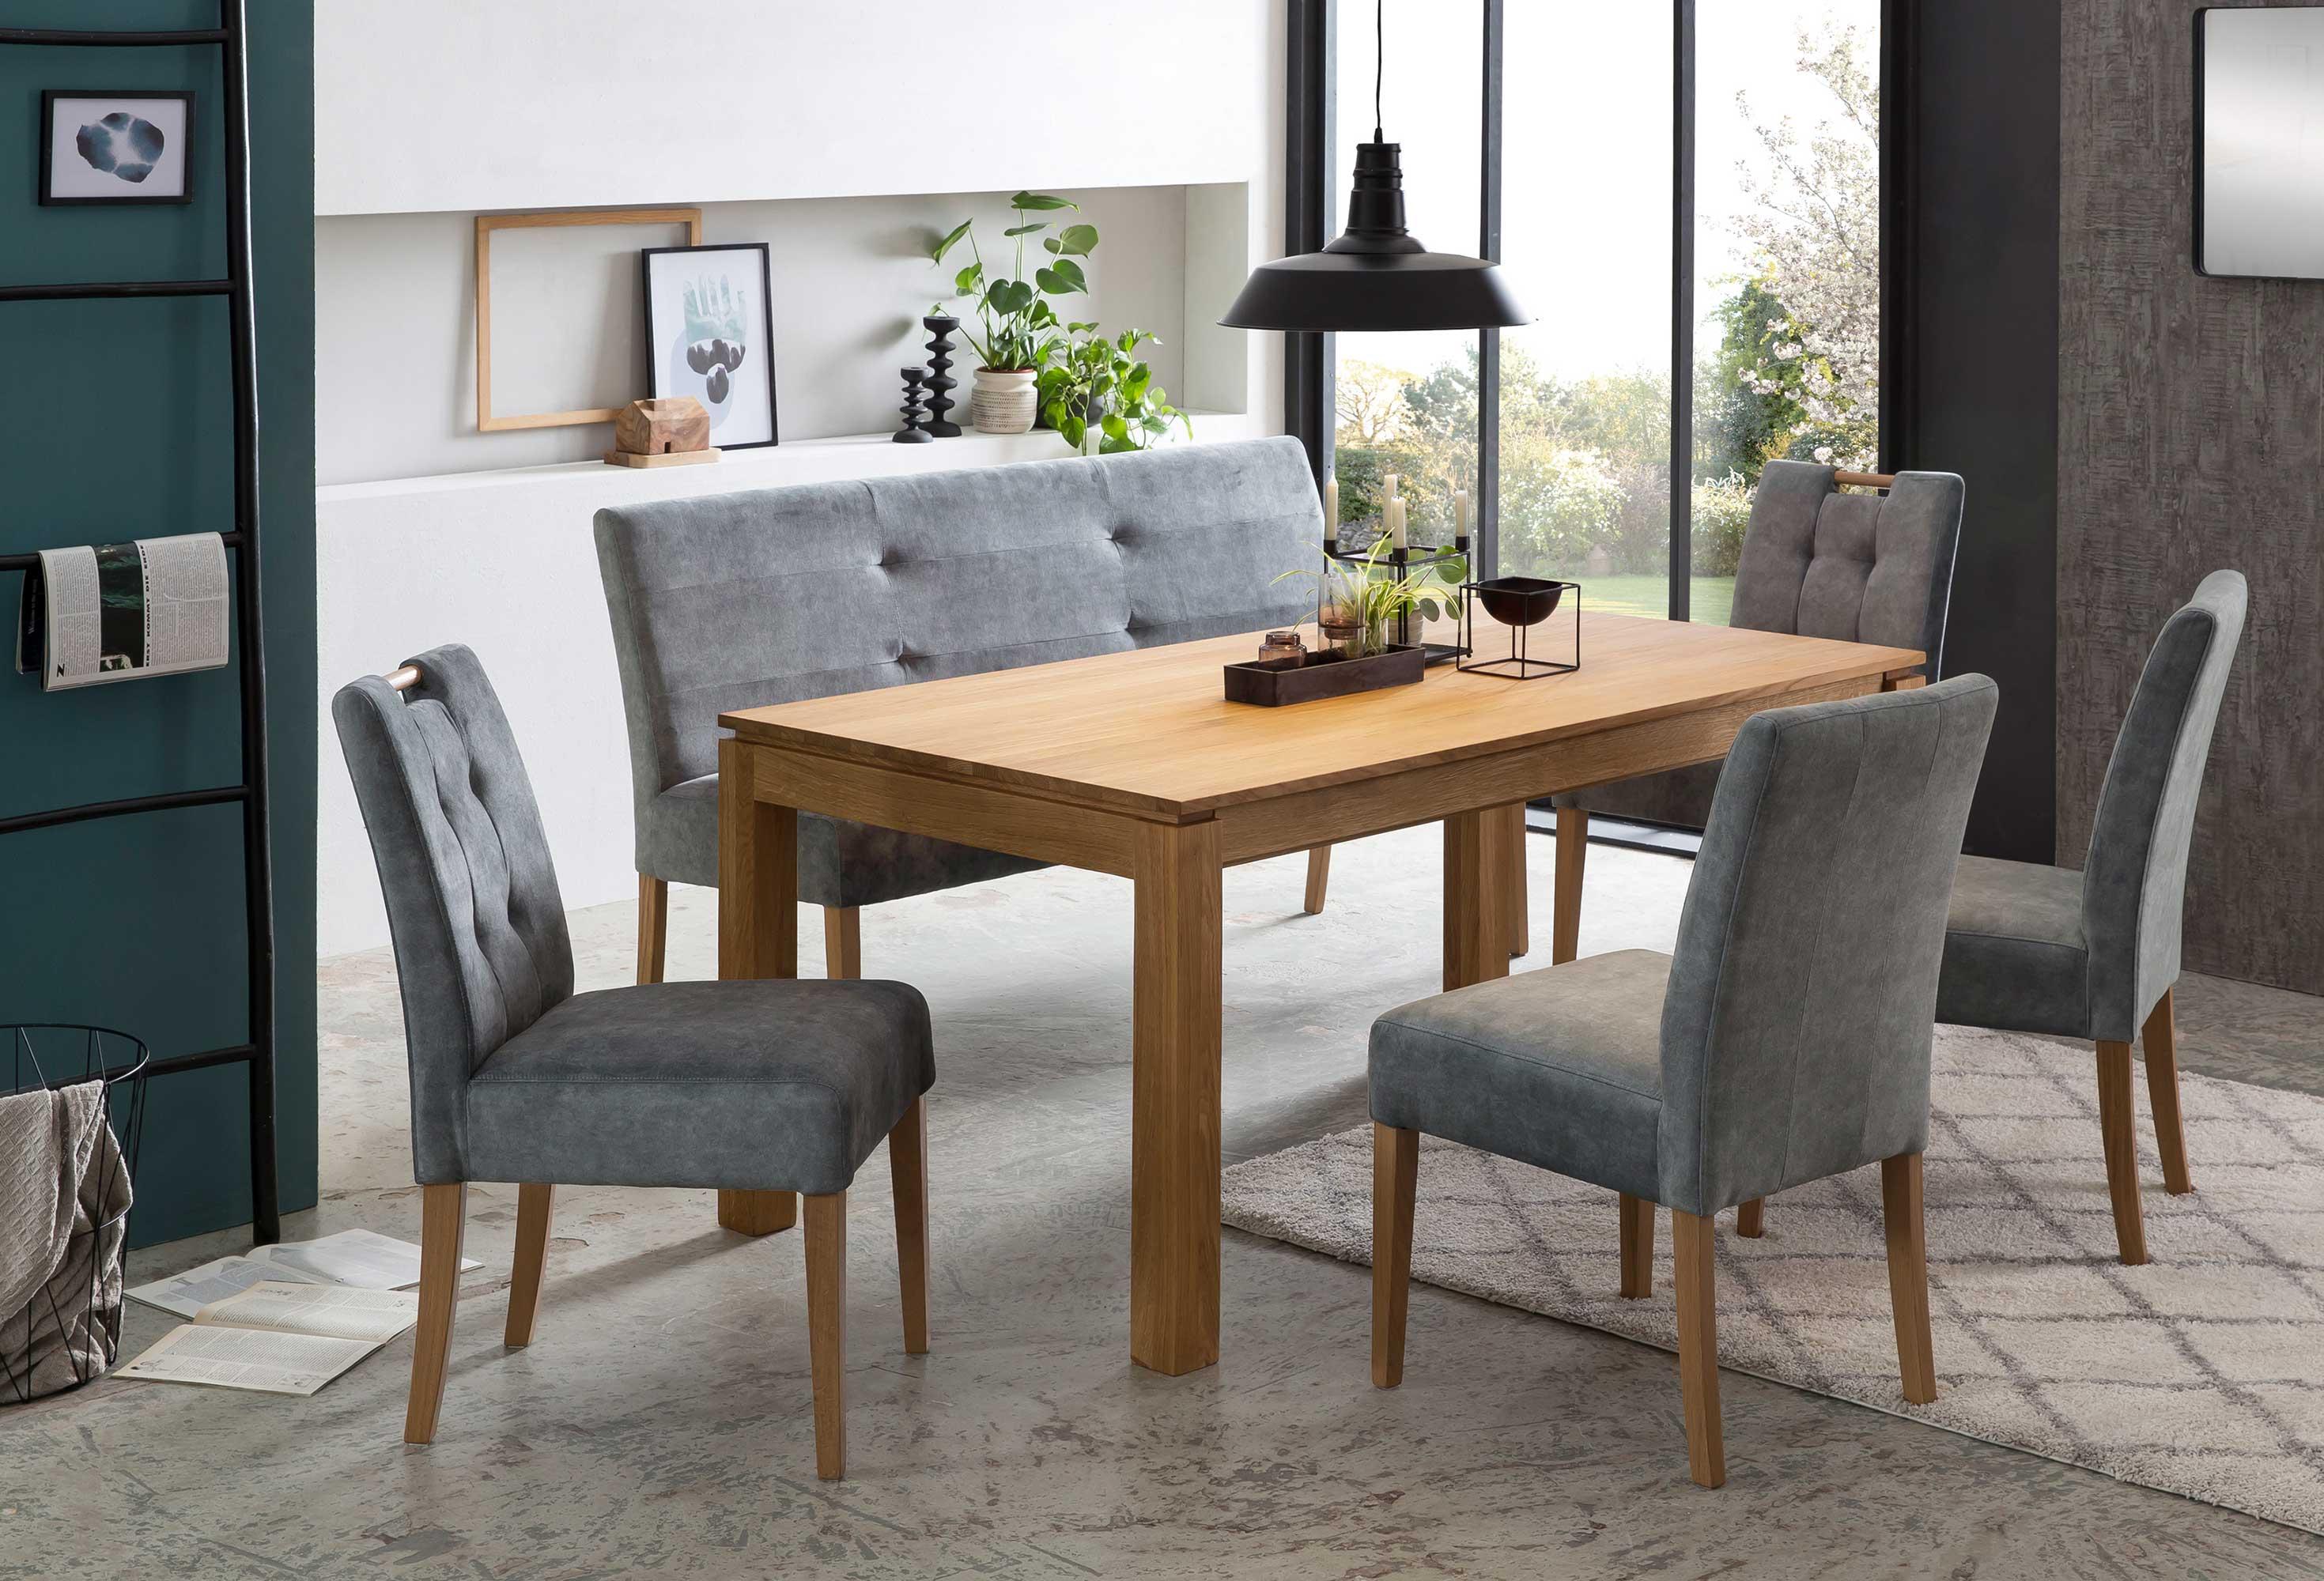 Standard Furniture Tischgruppe mit Kandel Massivholztisch und Stühlen Agra eiche